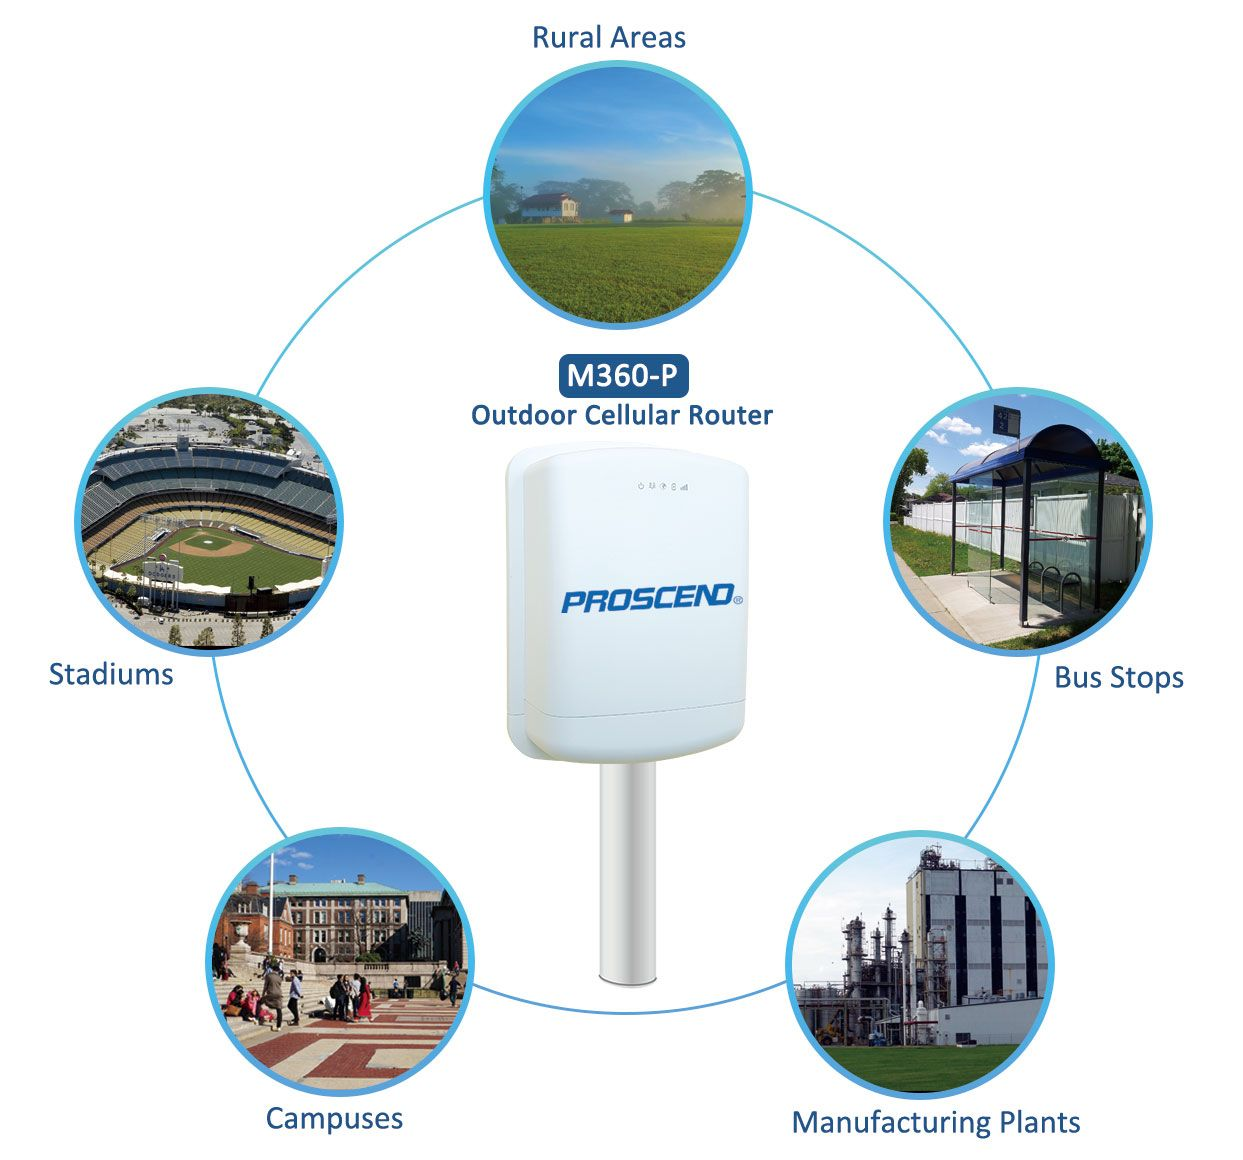 Открытый сотовый маршрутизатор Proscend M360-P обеспечивает фиксированное беспроводное соединение на различных вертикальных рынках.